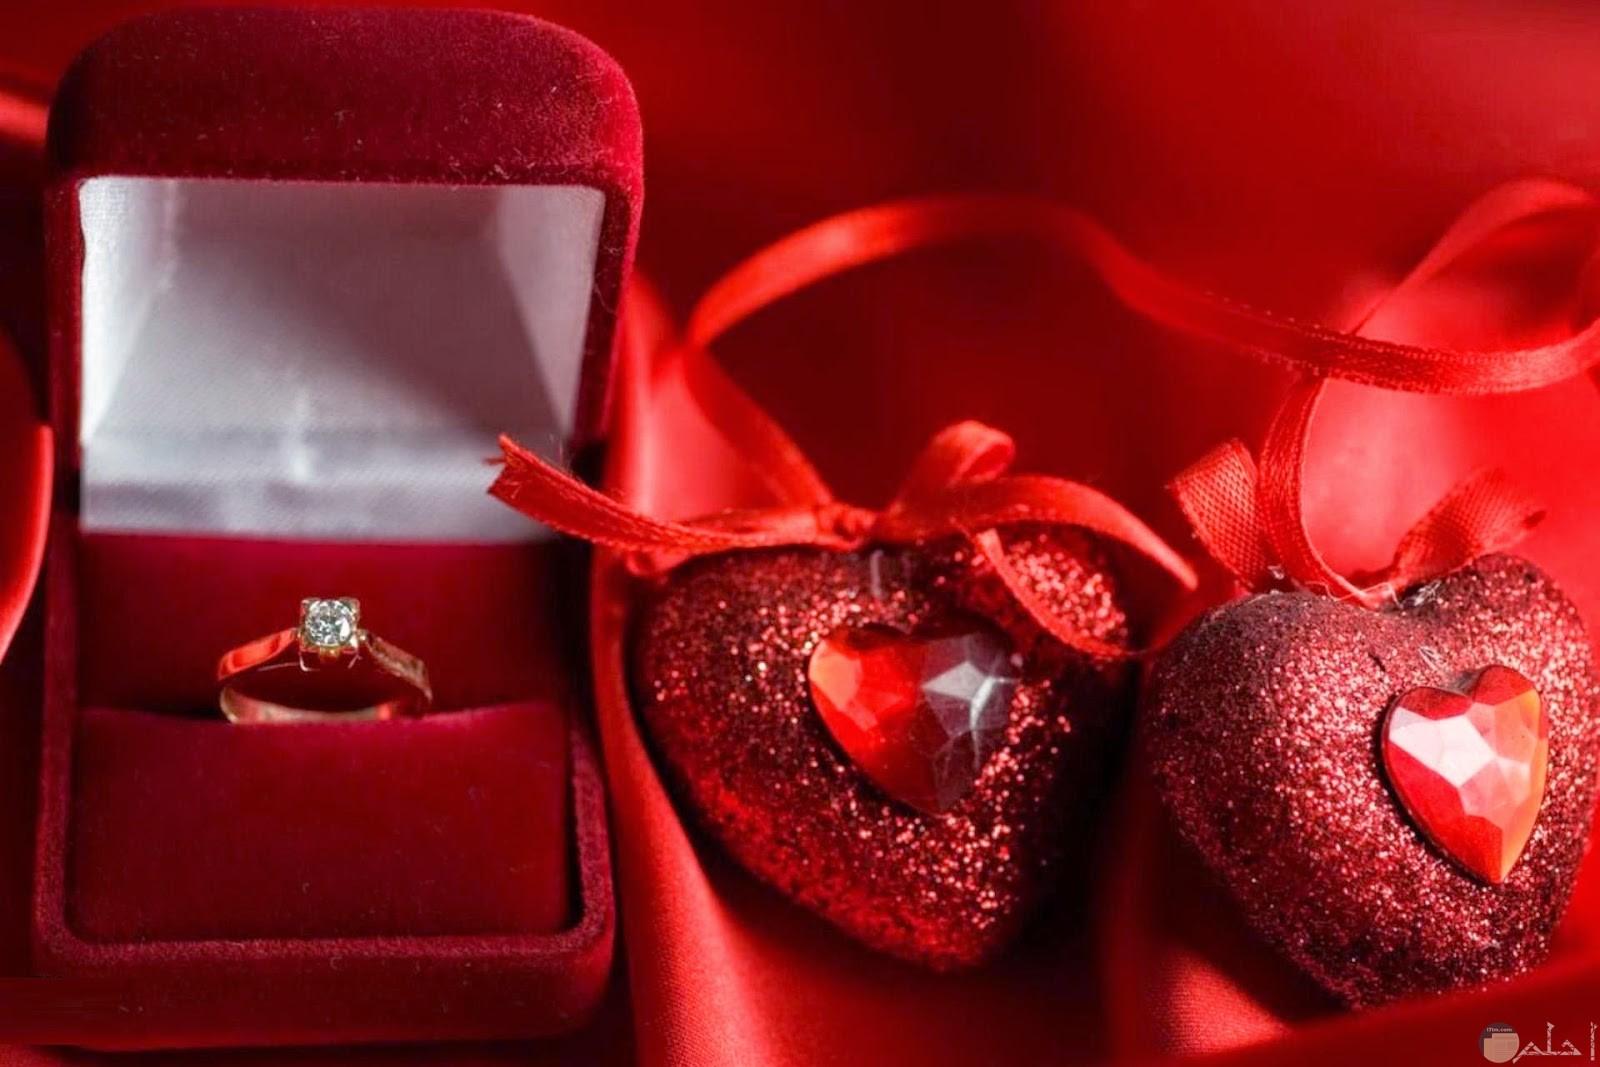 صورة جميلة و هدية الاحباب.